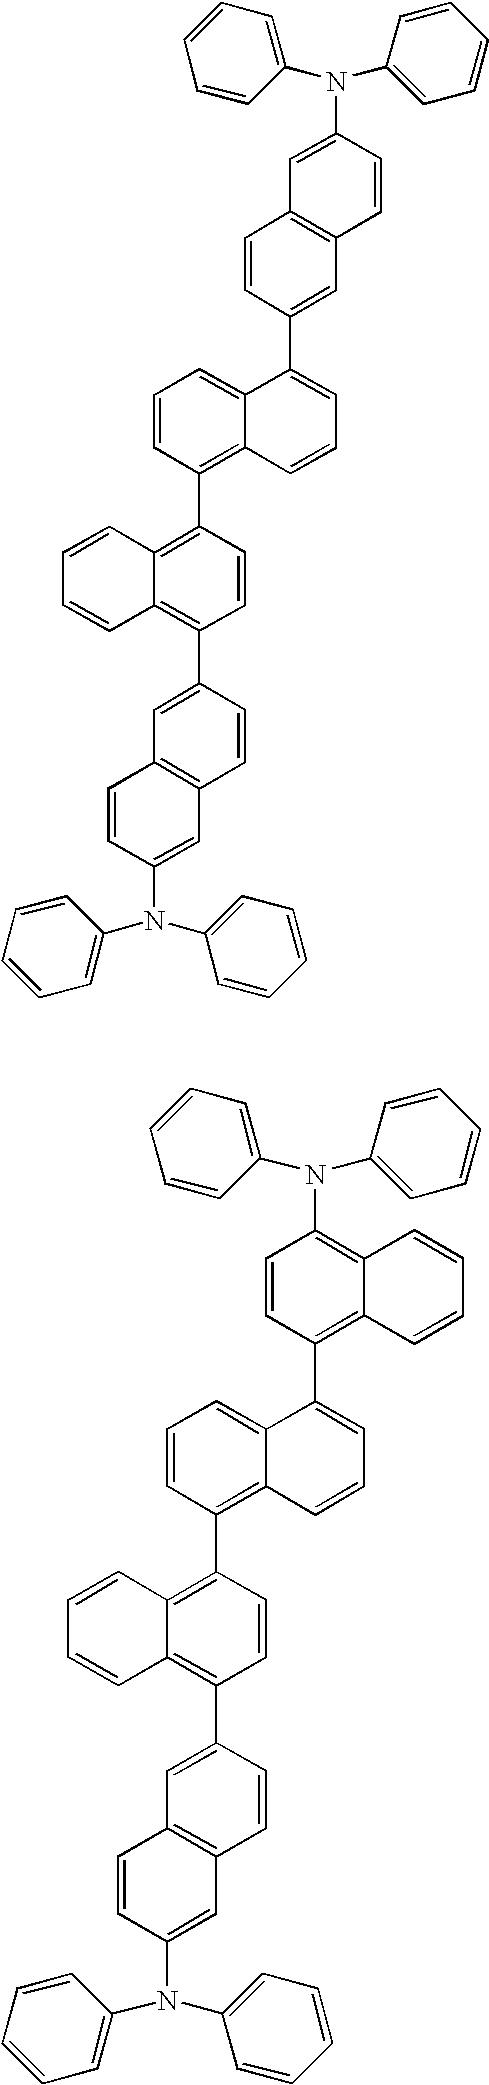 Figure US20100171109A1-20100708-C00098